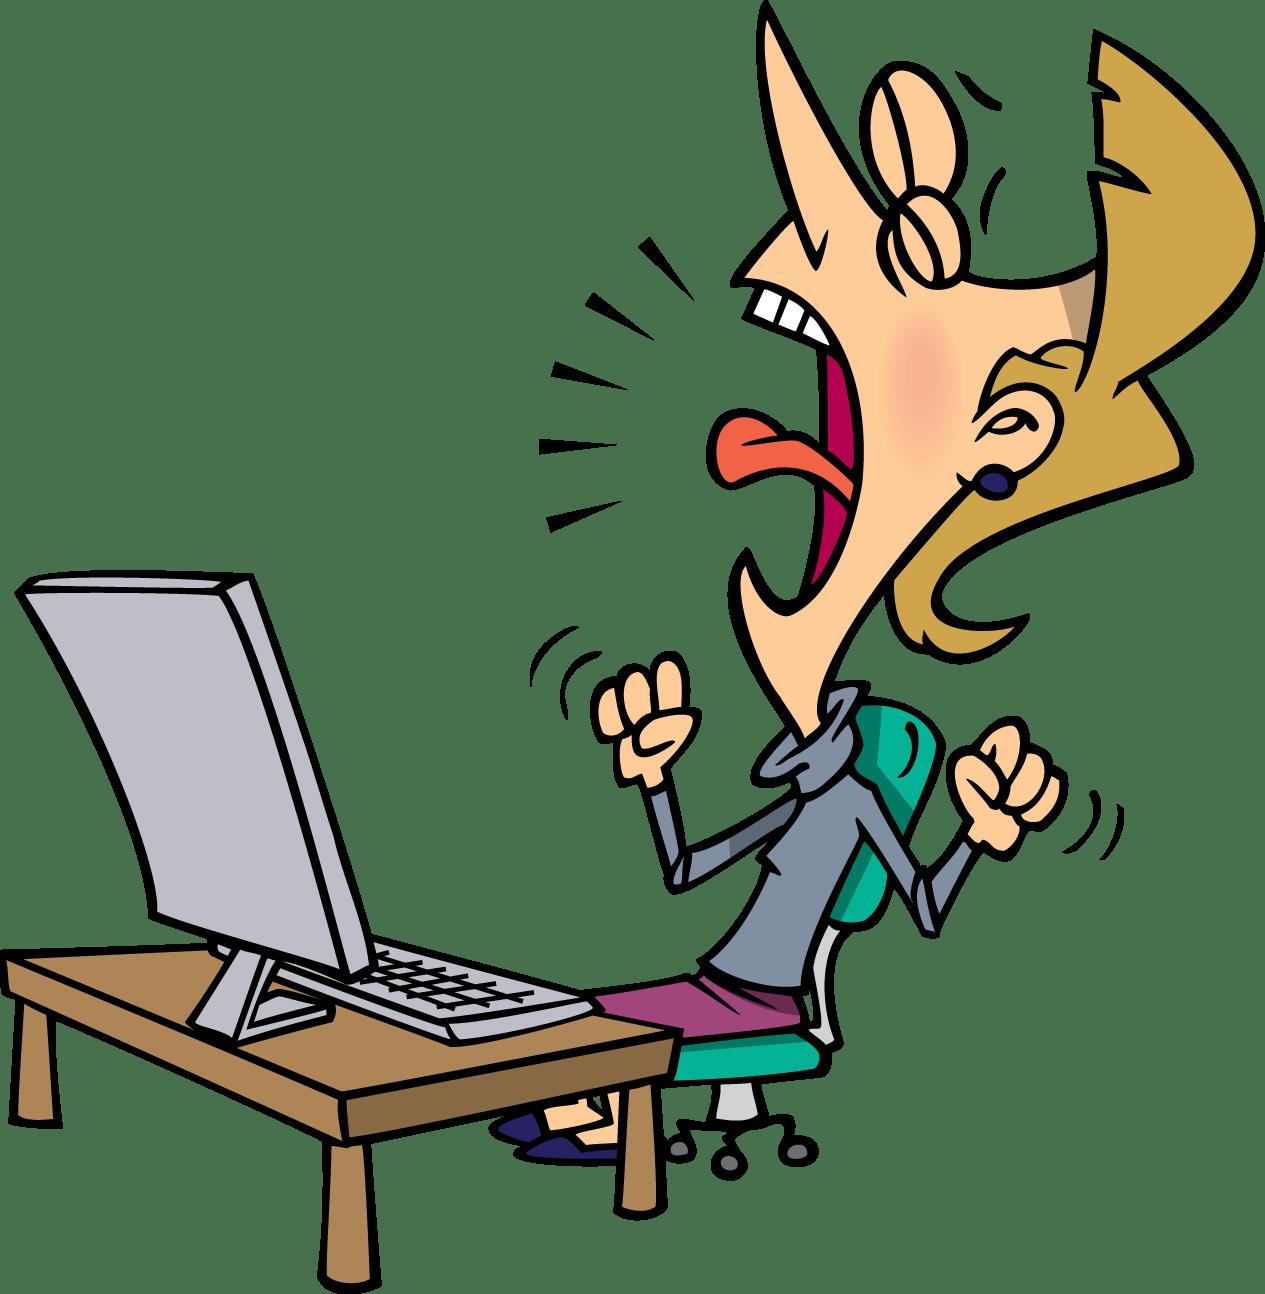 hight resolution of jag jobbar som frilanserande skribent jag fick i uppdrag en artikel p 4k ord jag hade en tight deadline jag satte mig ner och b rjade skriva